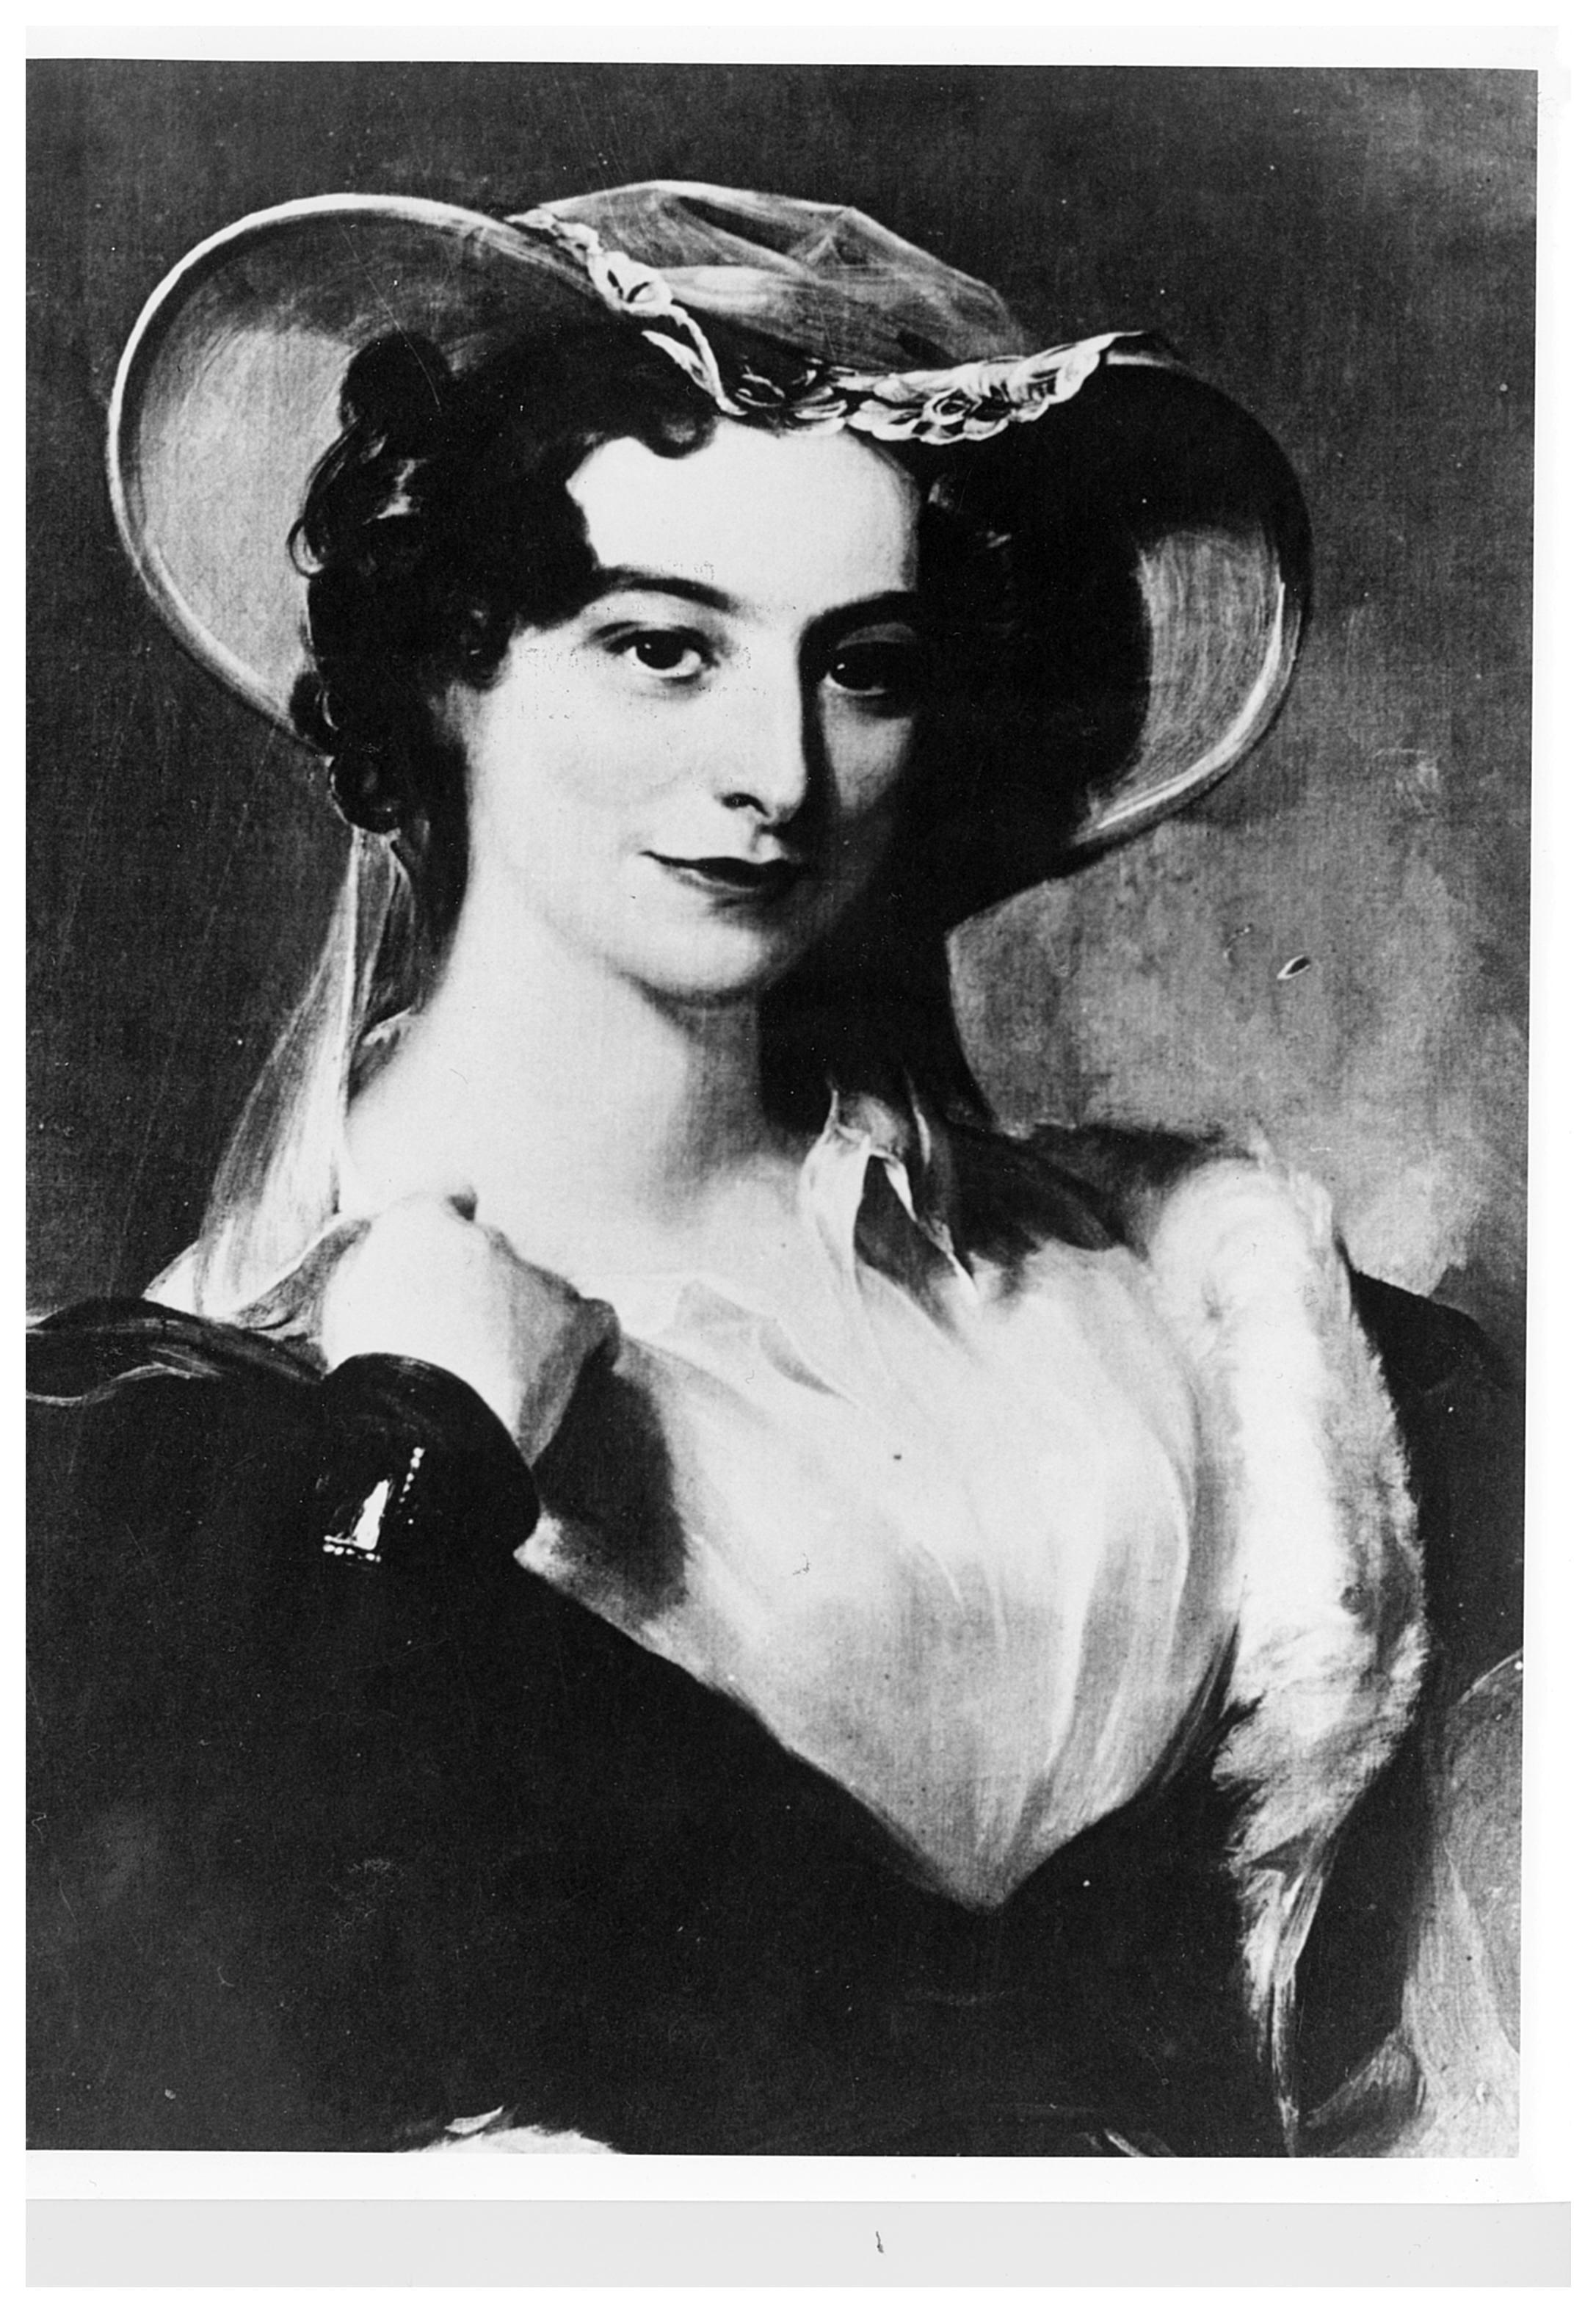 Peinture noir et blanc d'une jeune femme portant des vêtements d'époque à la mode.